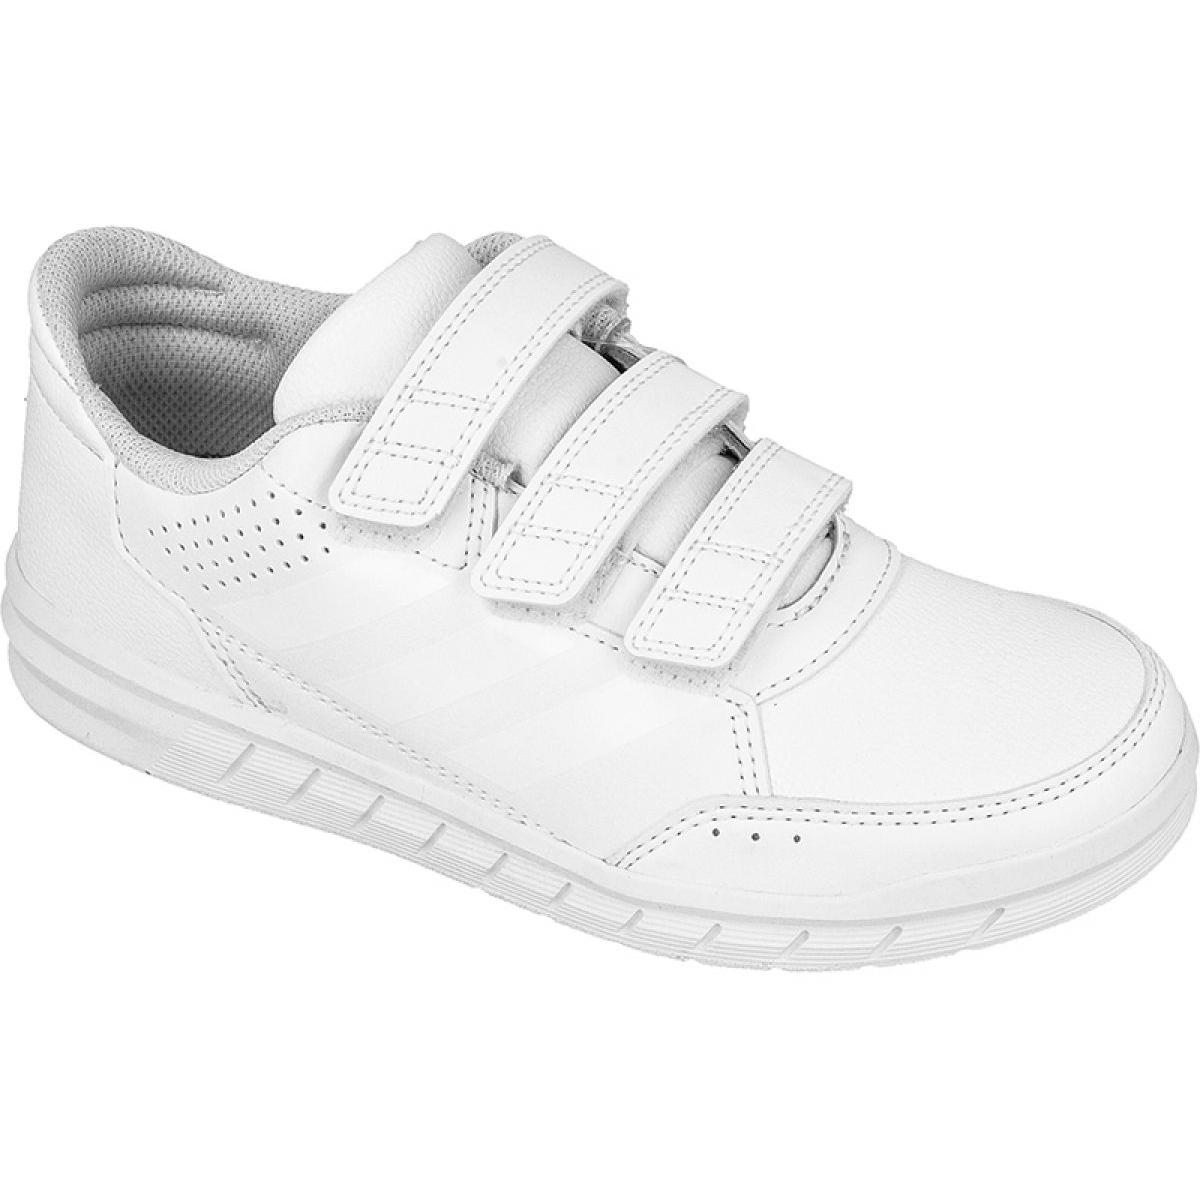 Schuhe Cf Weiß Adidas Altasport Jr Ba9524 rdthsQ